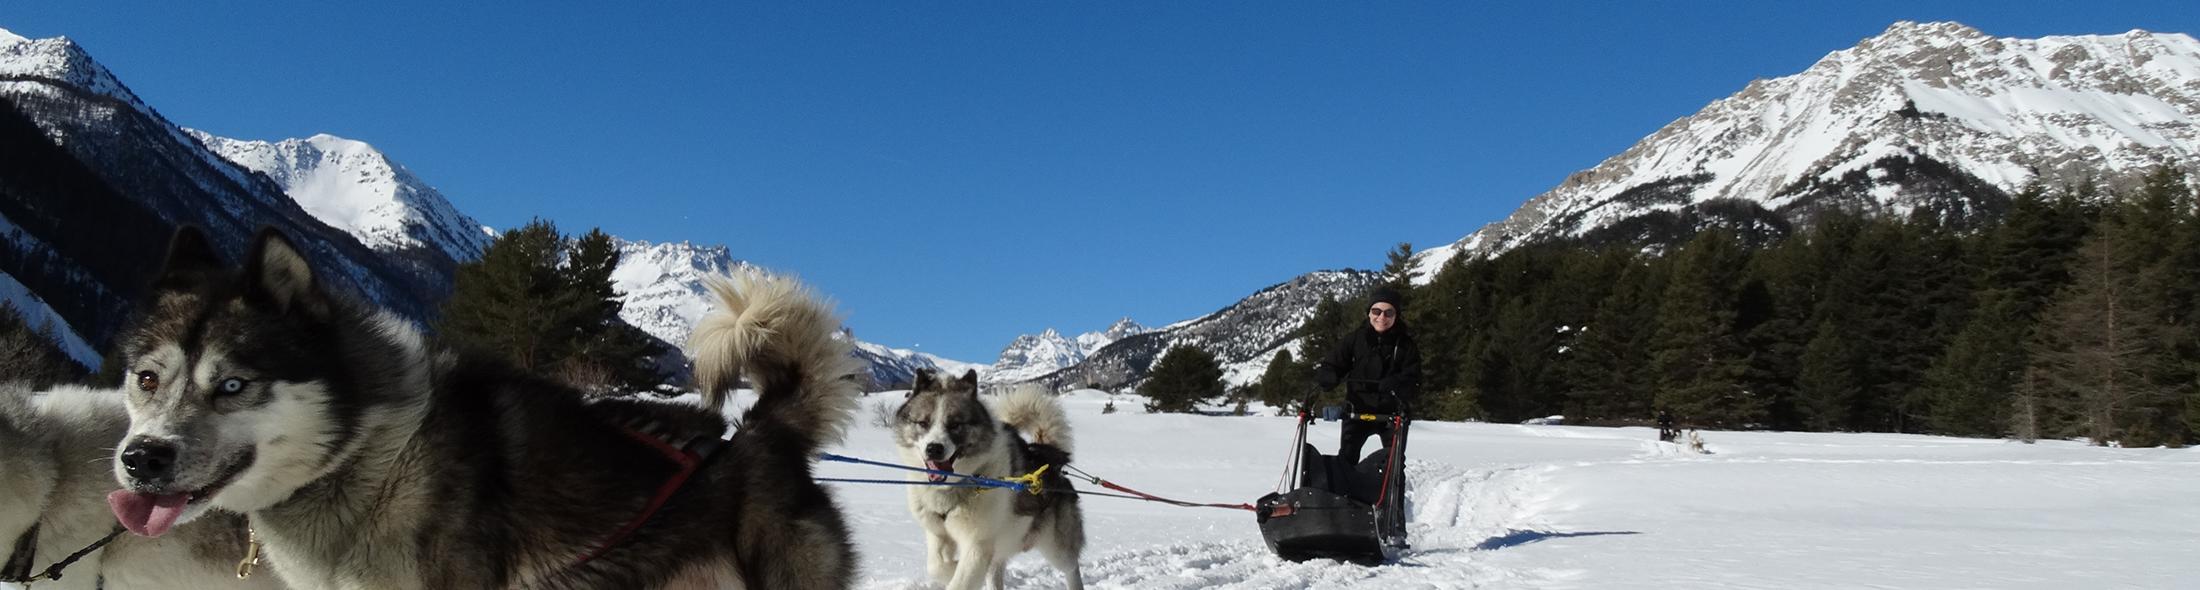 Plaisirs d'hiver en vallée de Cervières : /